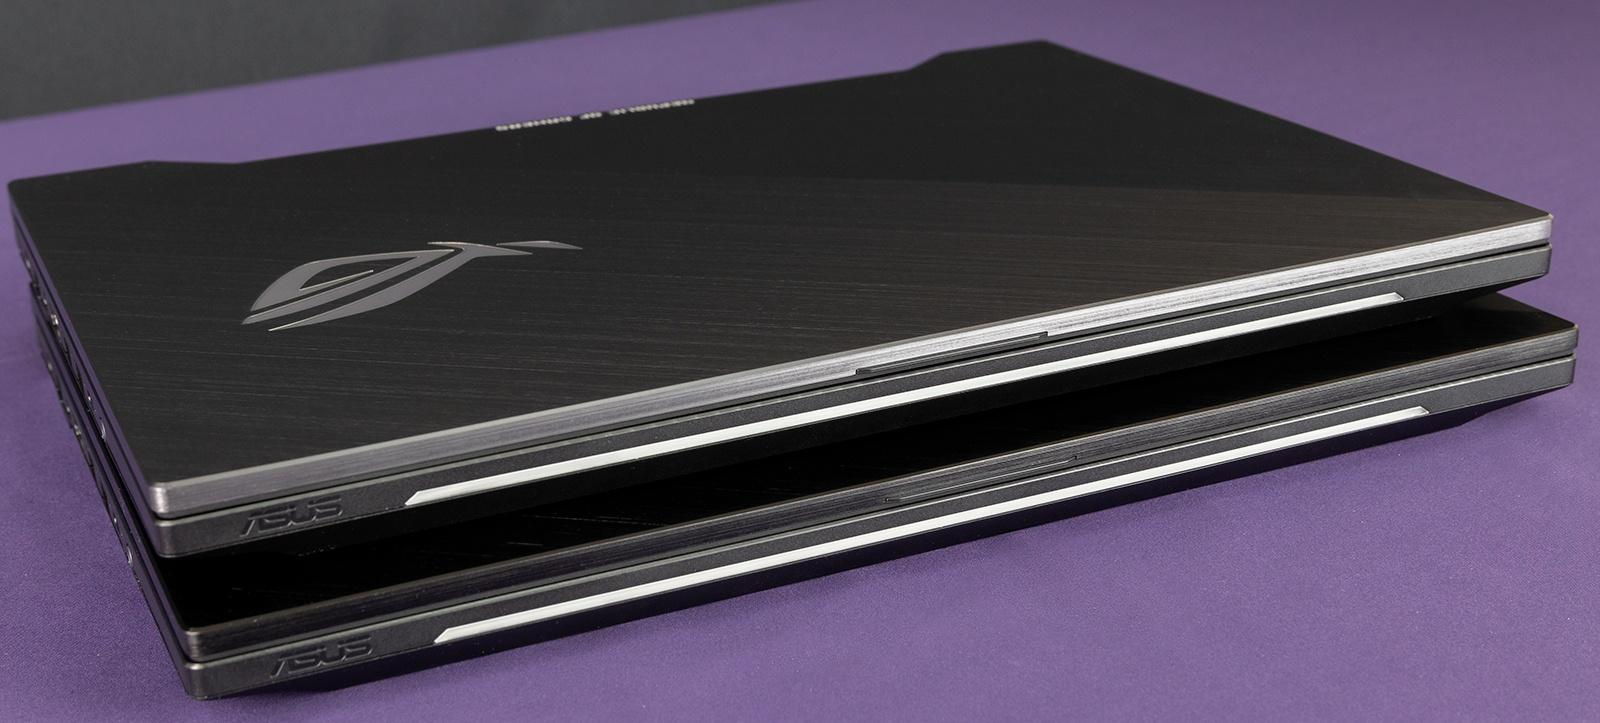 Обзор игровых ноутбуков ASUS ROG Strix GL504GS SCAR II и ASUS ROG Strix GL504GM HERO II - 5